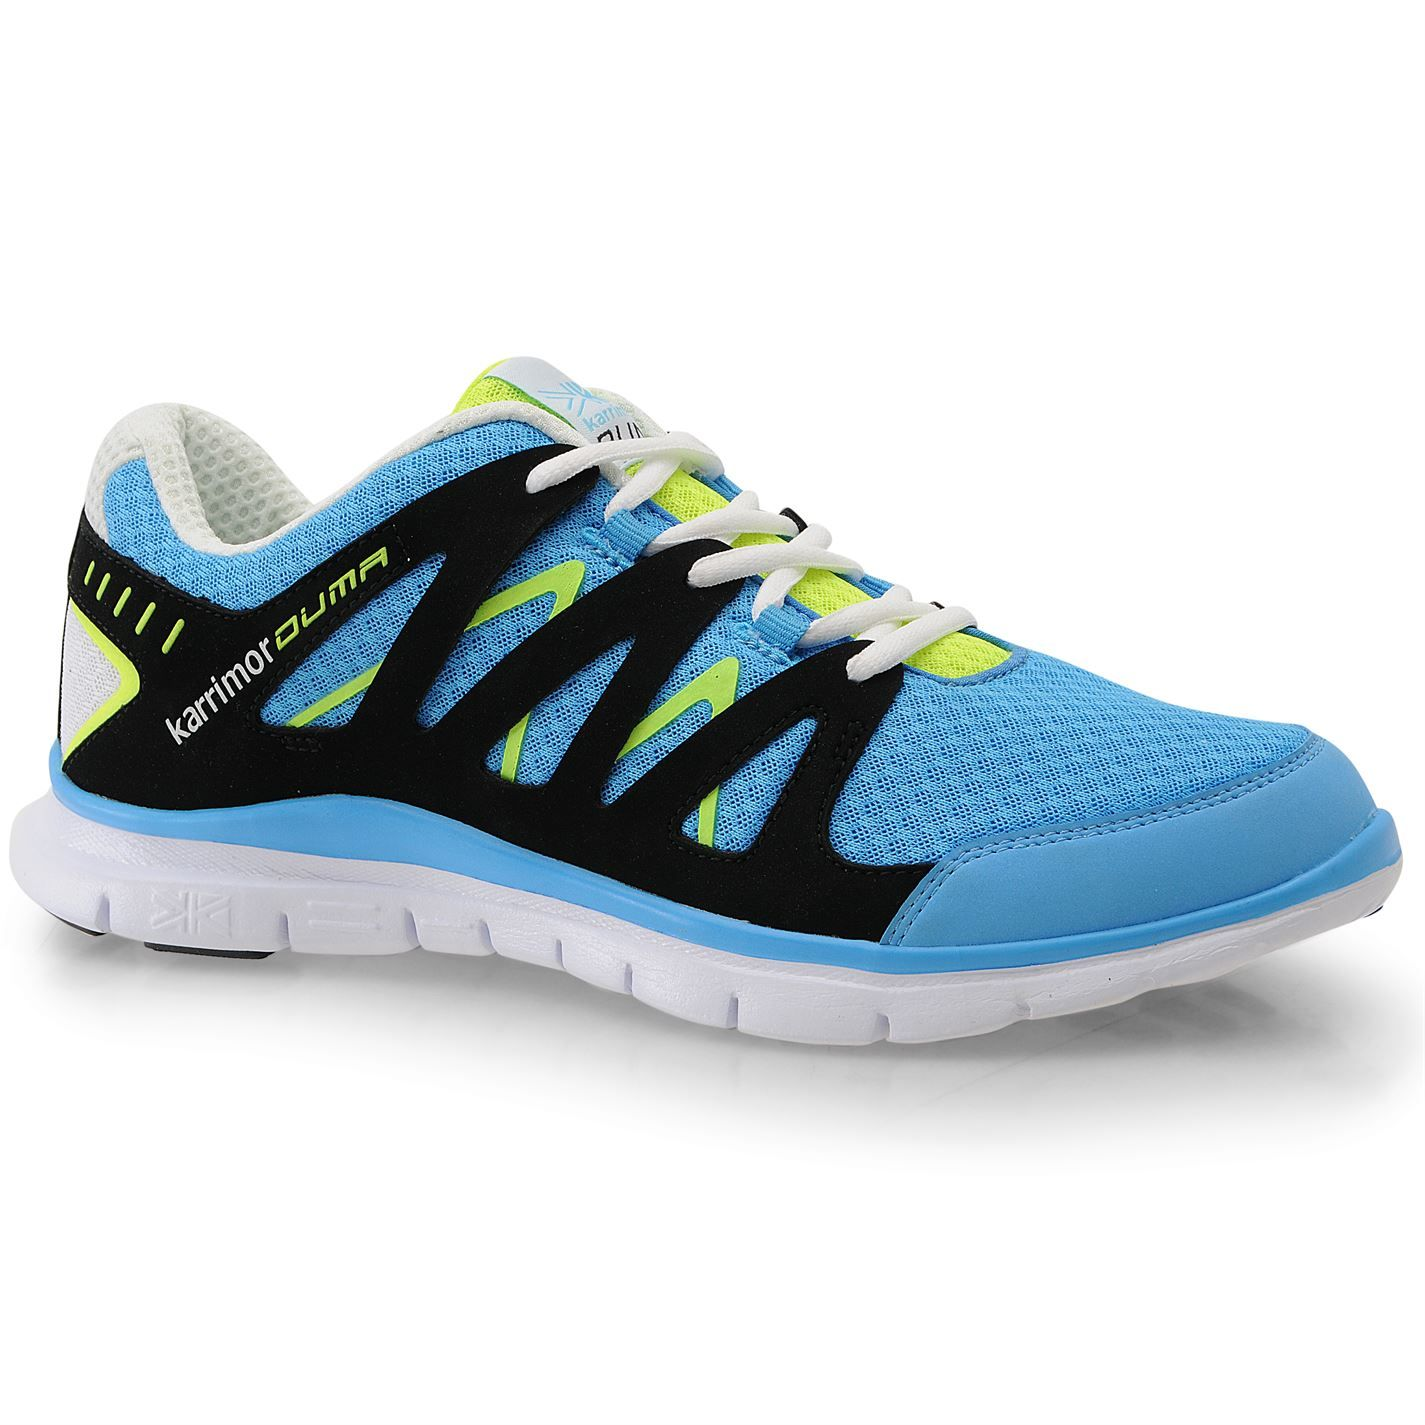 Karrimor Duma Mens Running Shoes